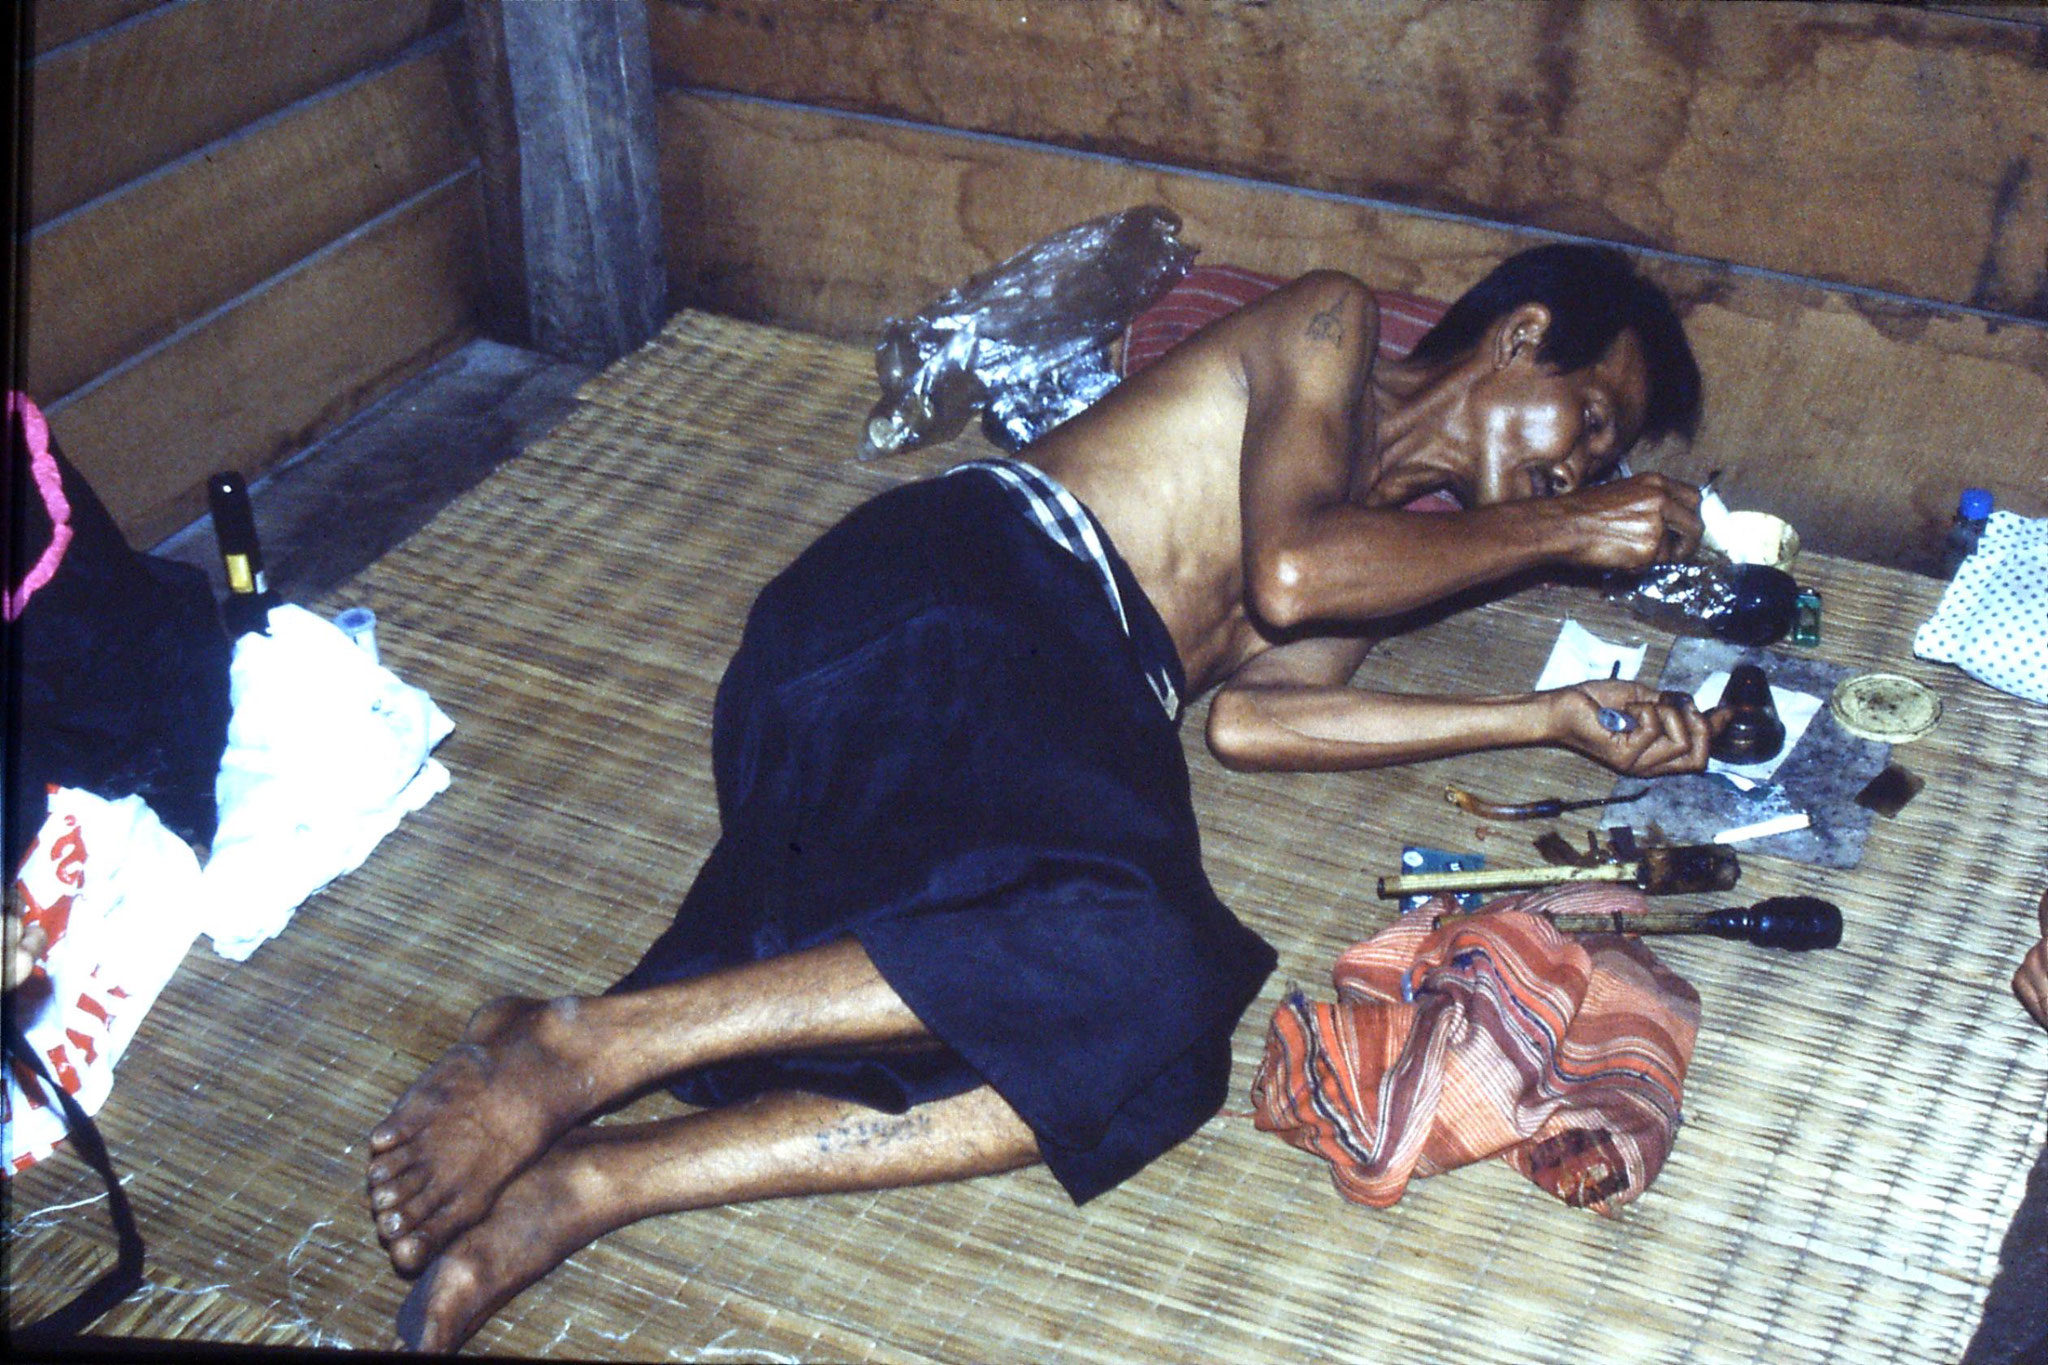 12/6/1990: 36: Trek - Hue Kom Karen village, man smoking opium